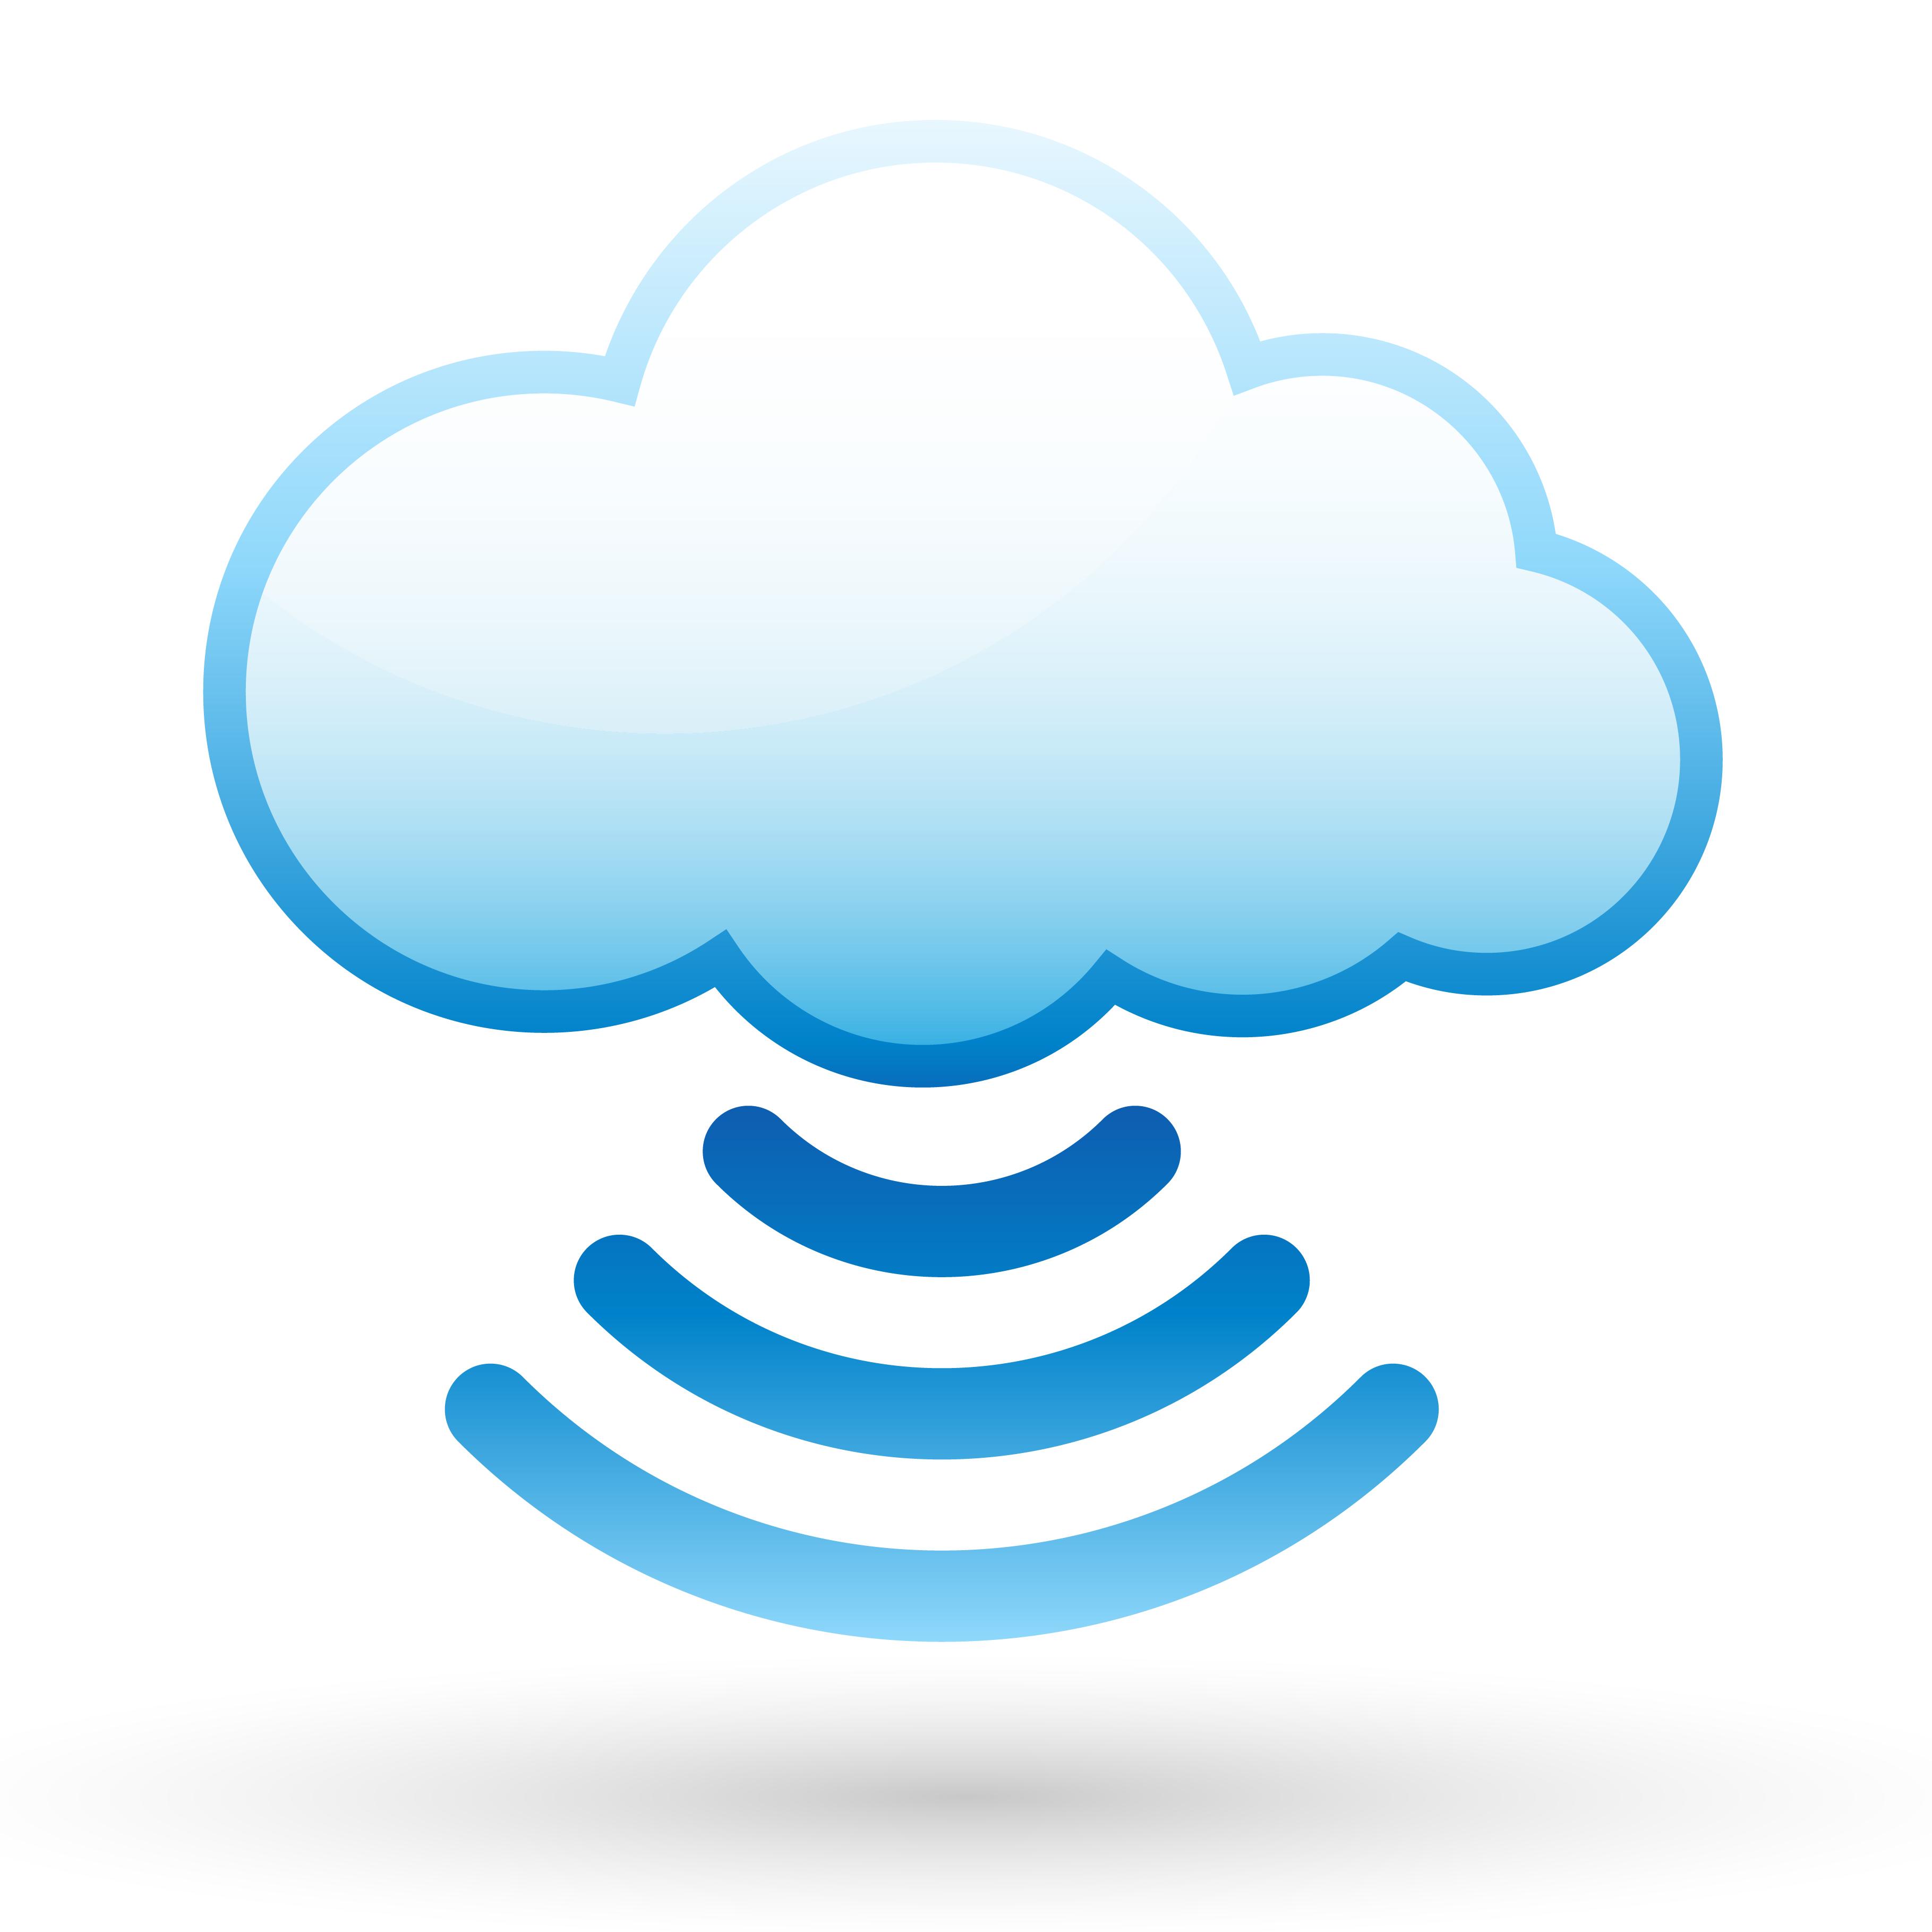 3638x3638 Technology Clipart Internet